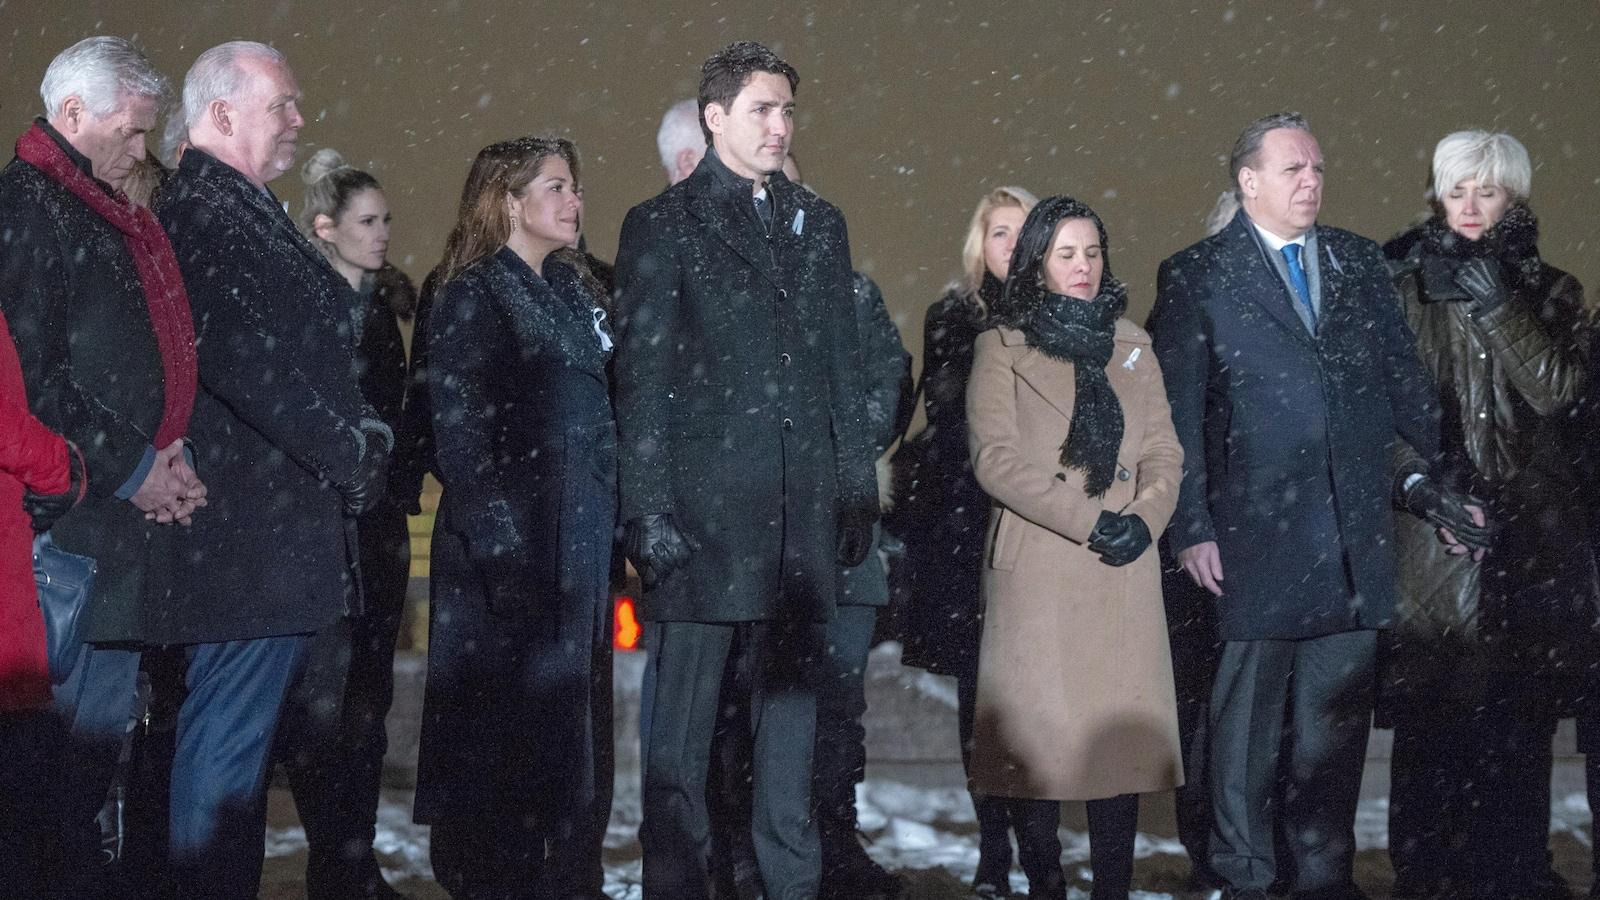 Les dignitaires sont debouts, dehors, sous la neige qui tombe.